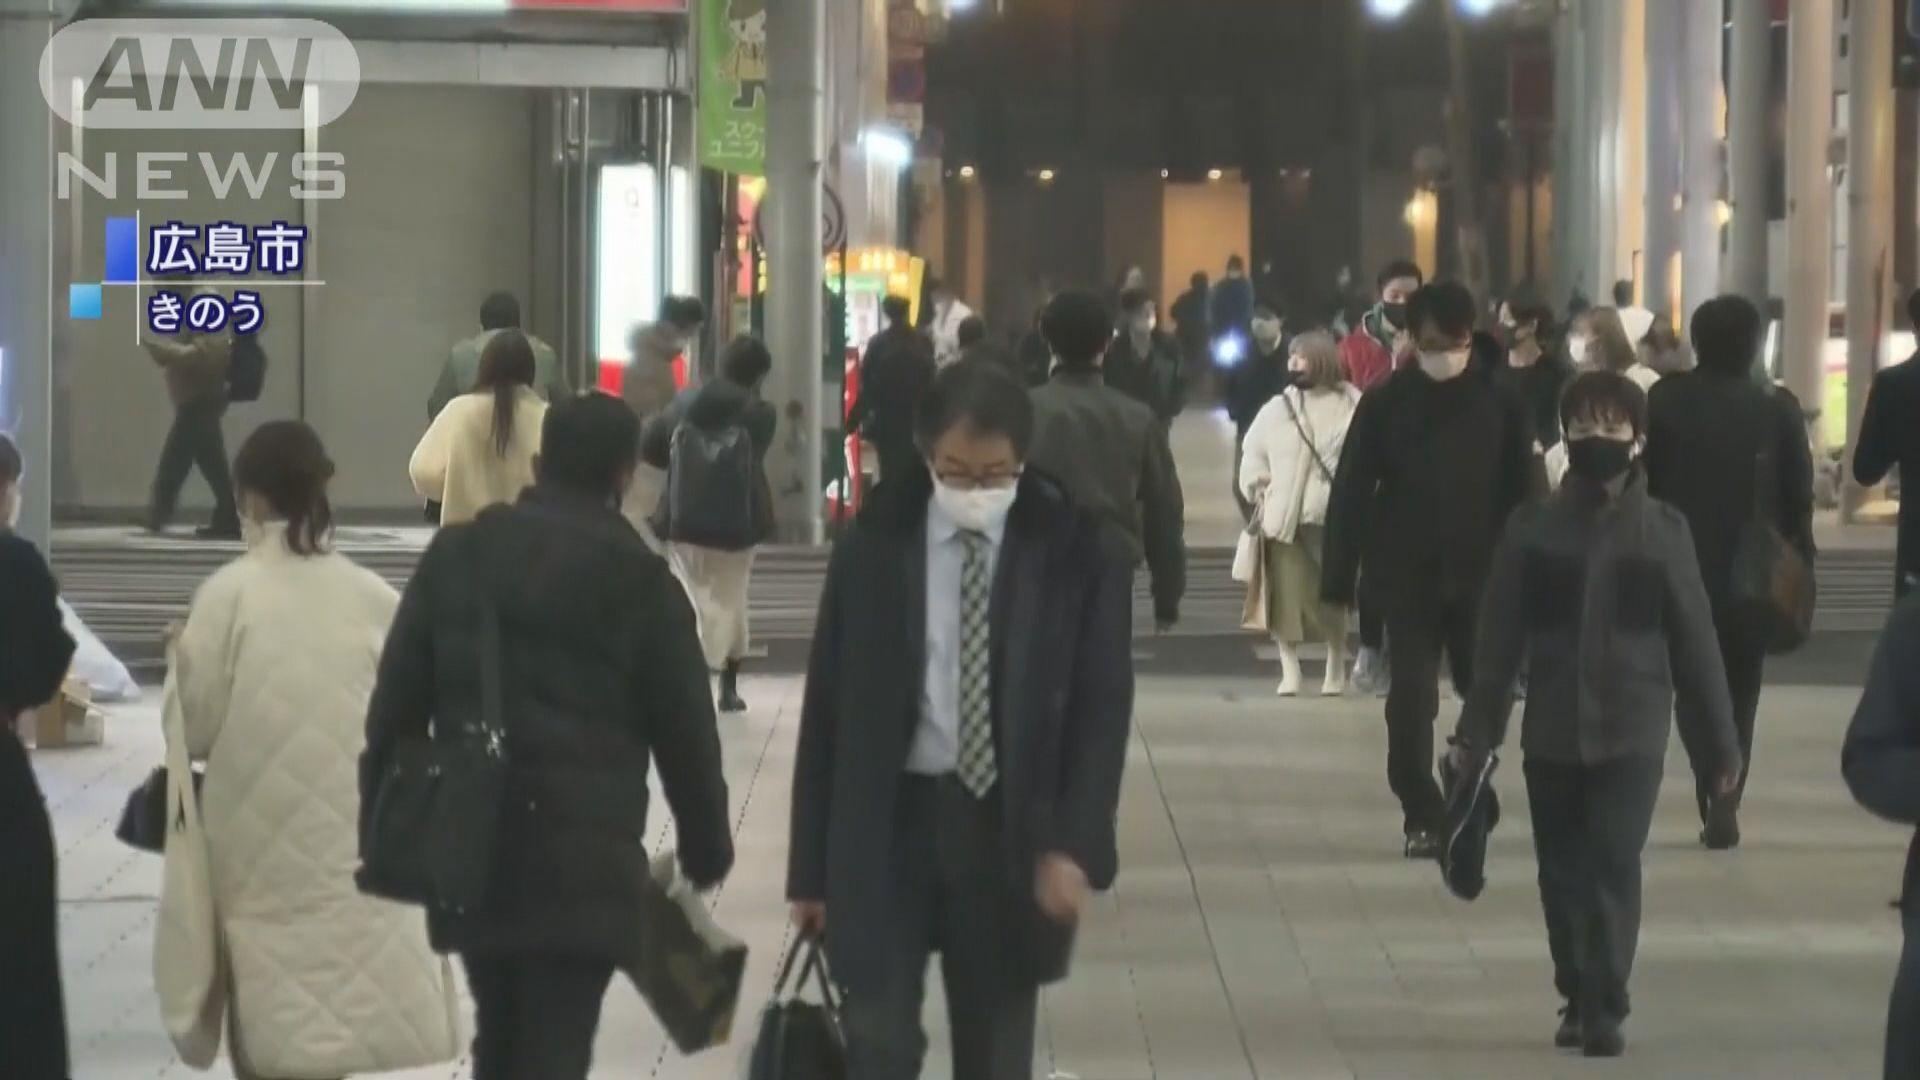 日本新冠病毒疫情持續惡化 東京都增逾二千宗確診